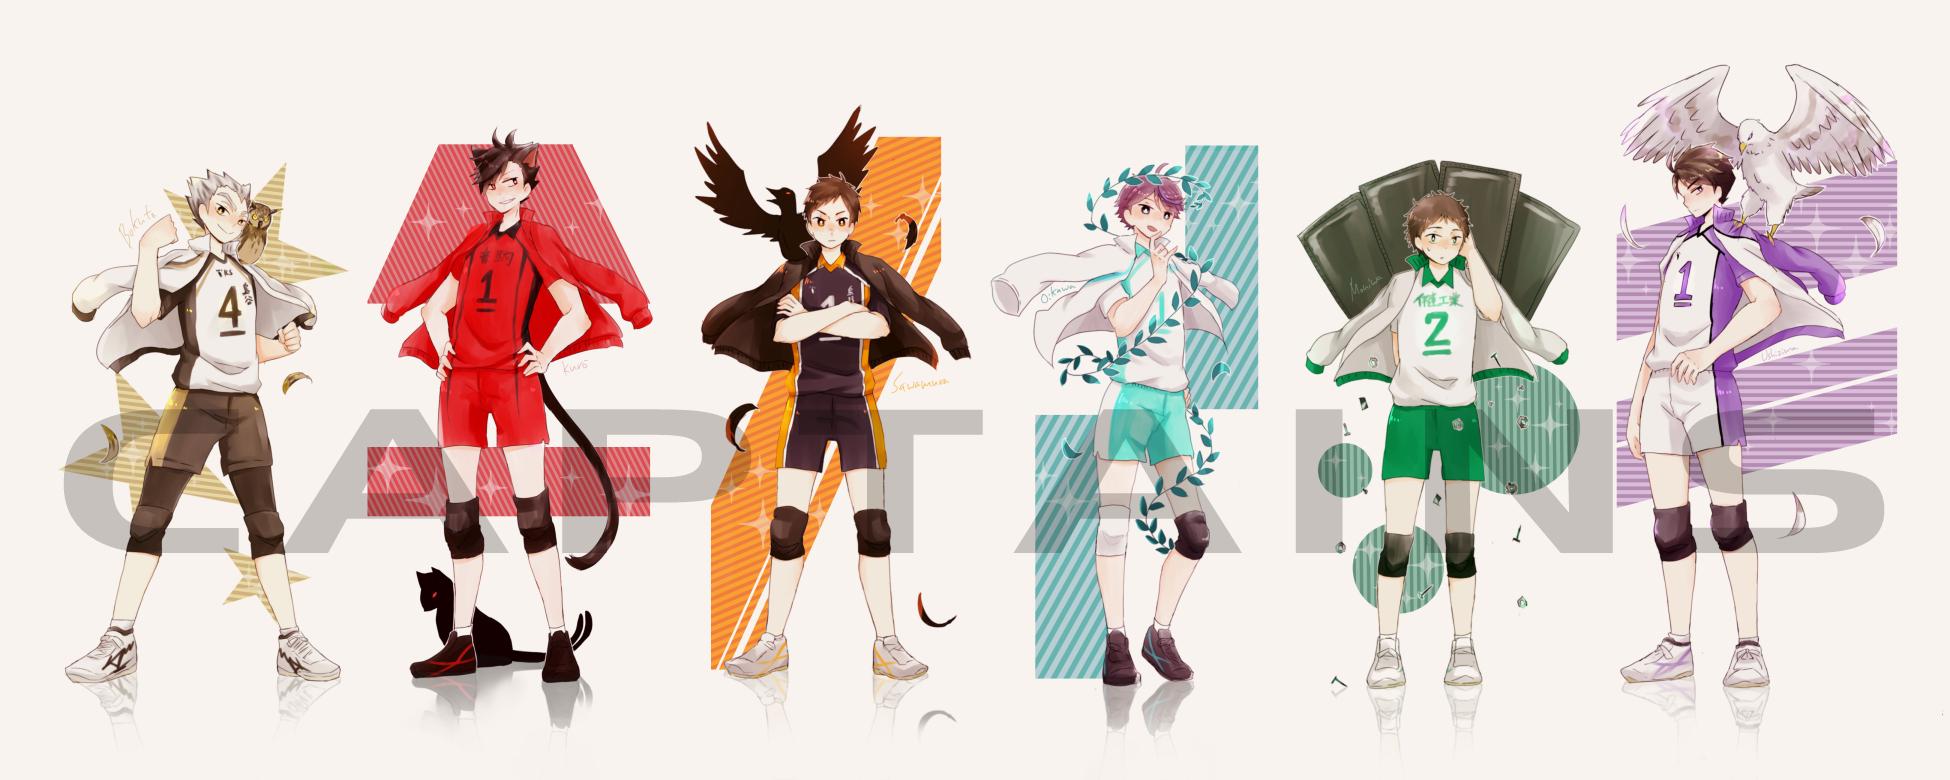 Shiratorizawa Haikyuu - HD Wallpaper